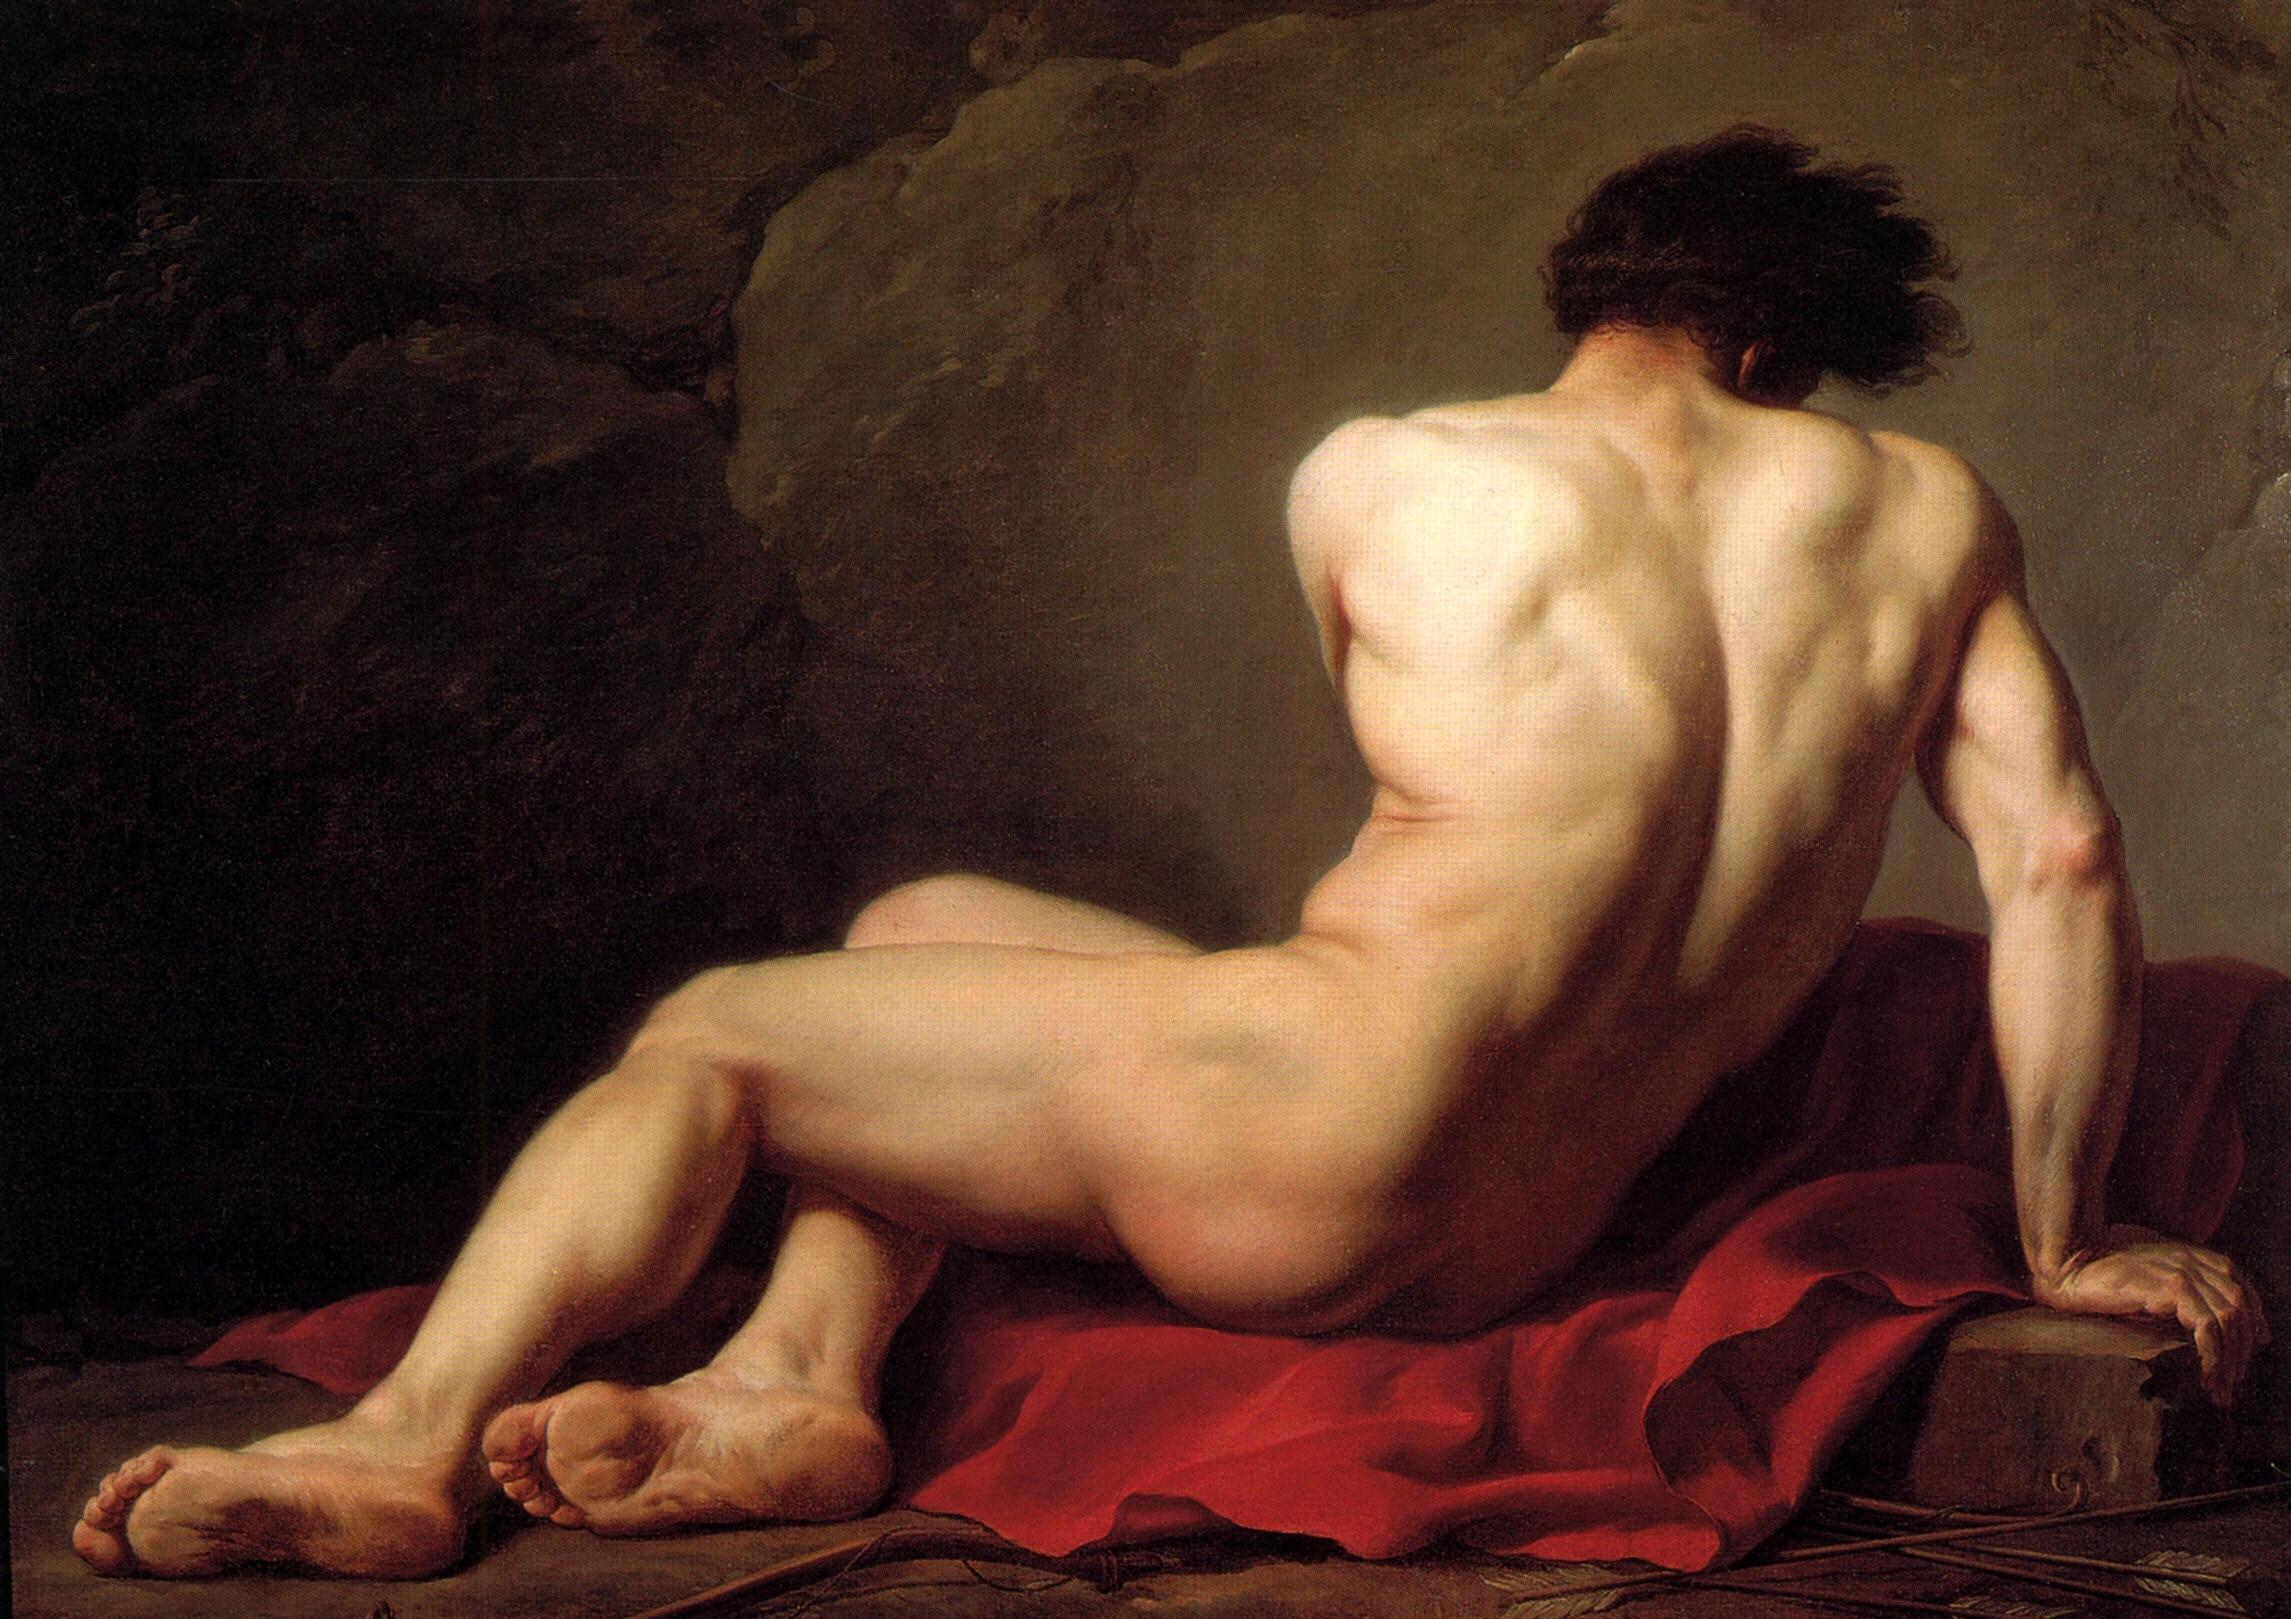 Топ крутой обнаженной художественной живописи -- телесный мужской масляной живописи Мужское искусство гей печать художественная живопись на холсте